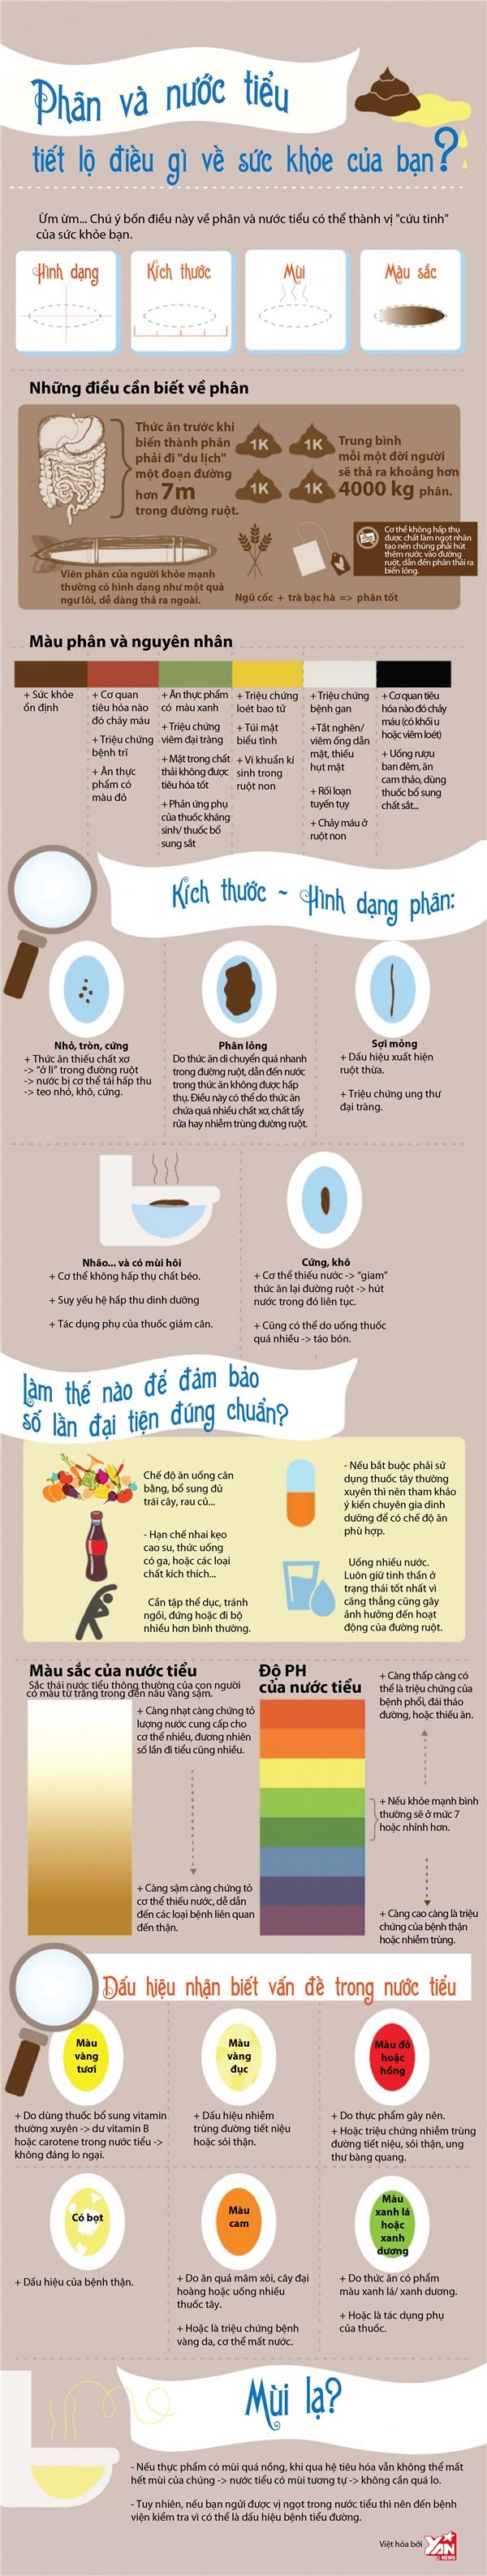 [Infographic] Nhìn phân và nước tiểu đoán biết bệnh trạng